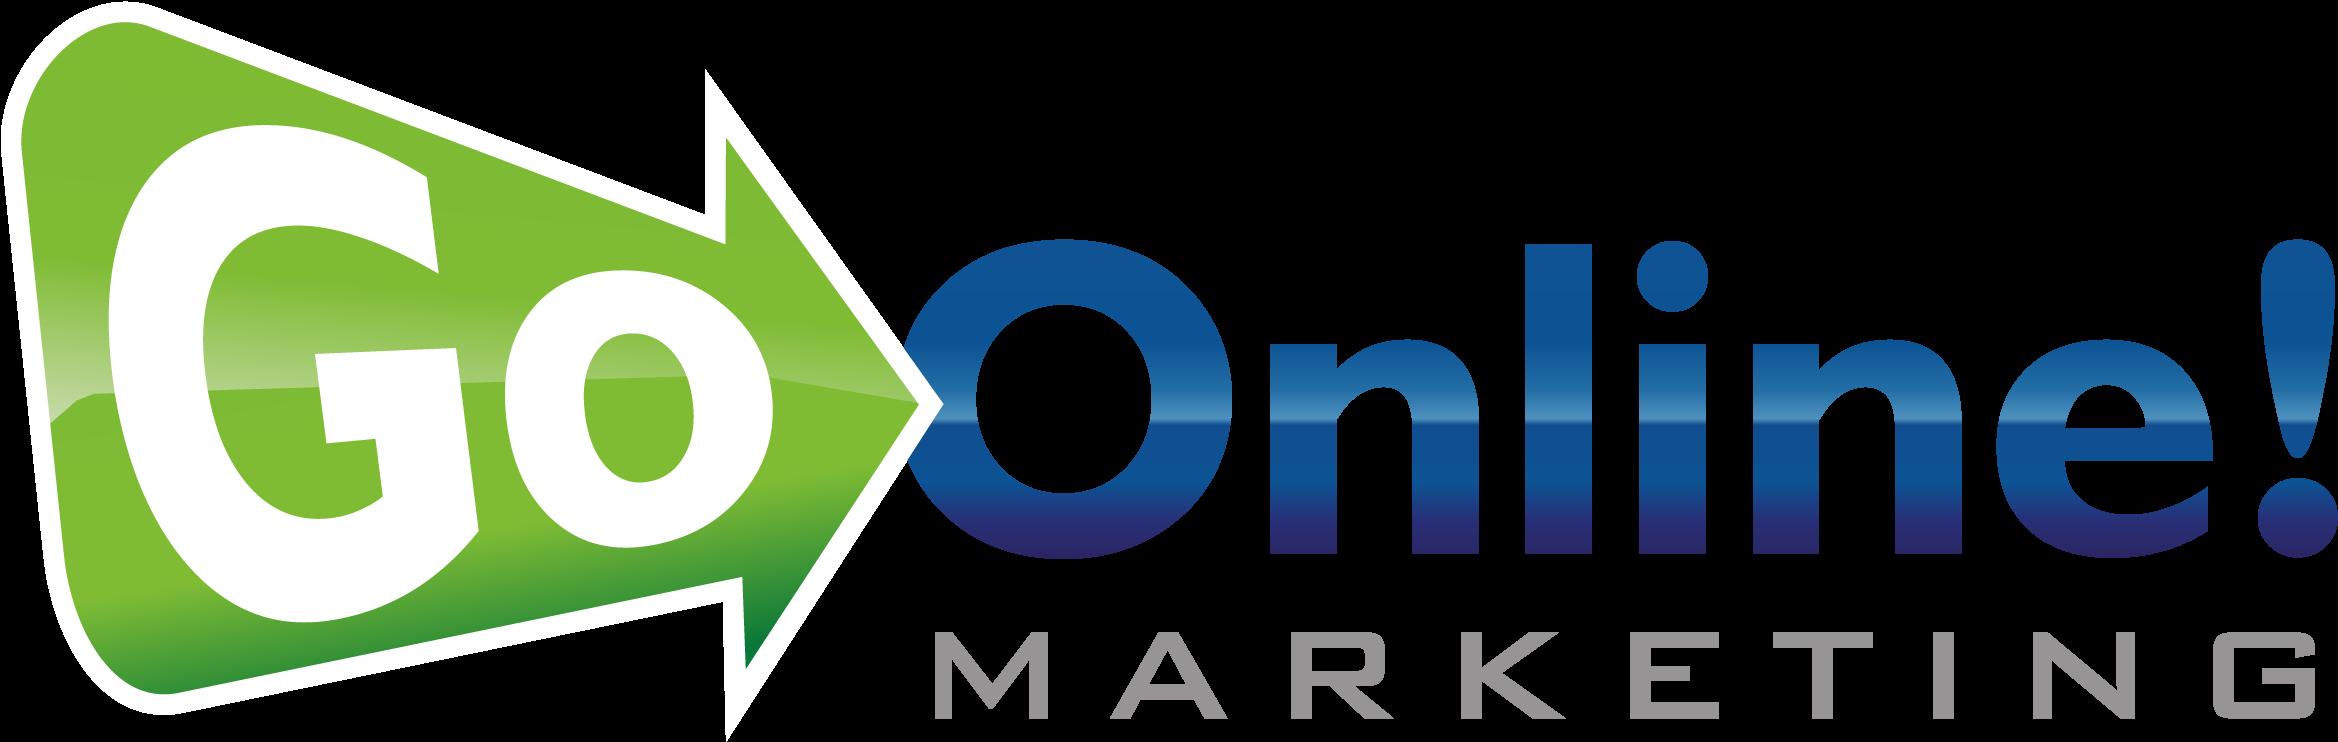 Logo Logo Logo Logo Logo - Online Marketing (2350x755), Png Download